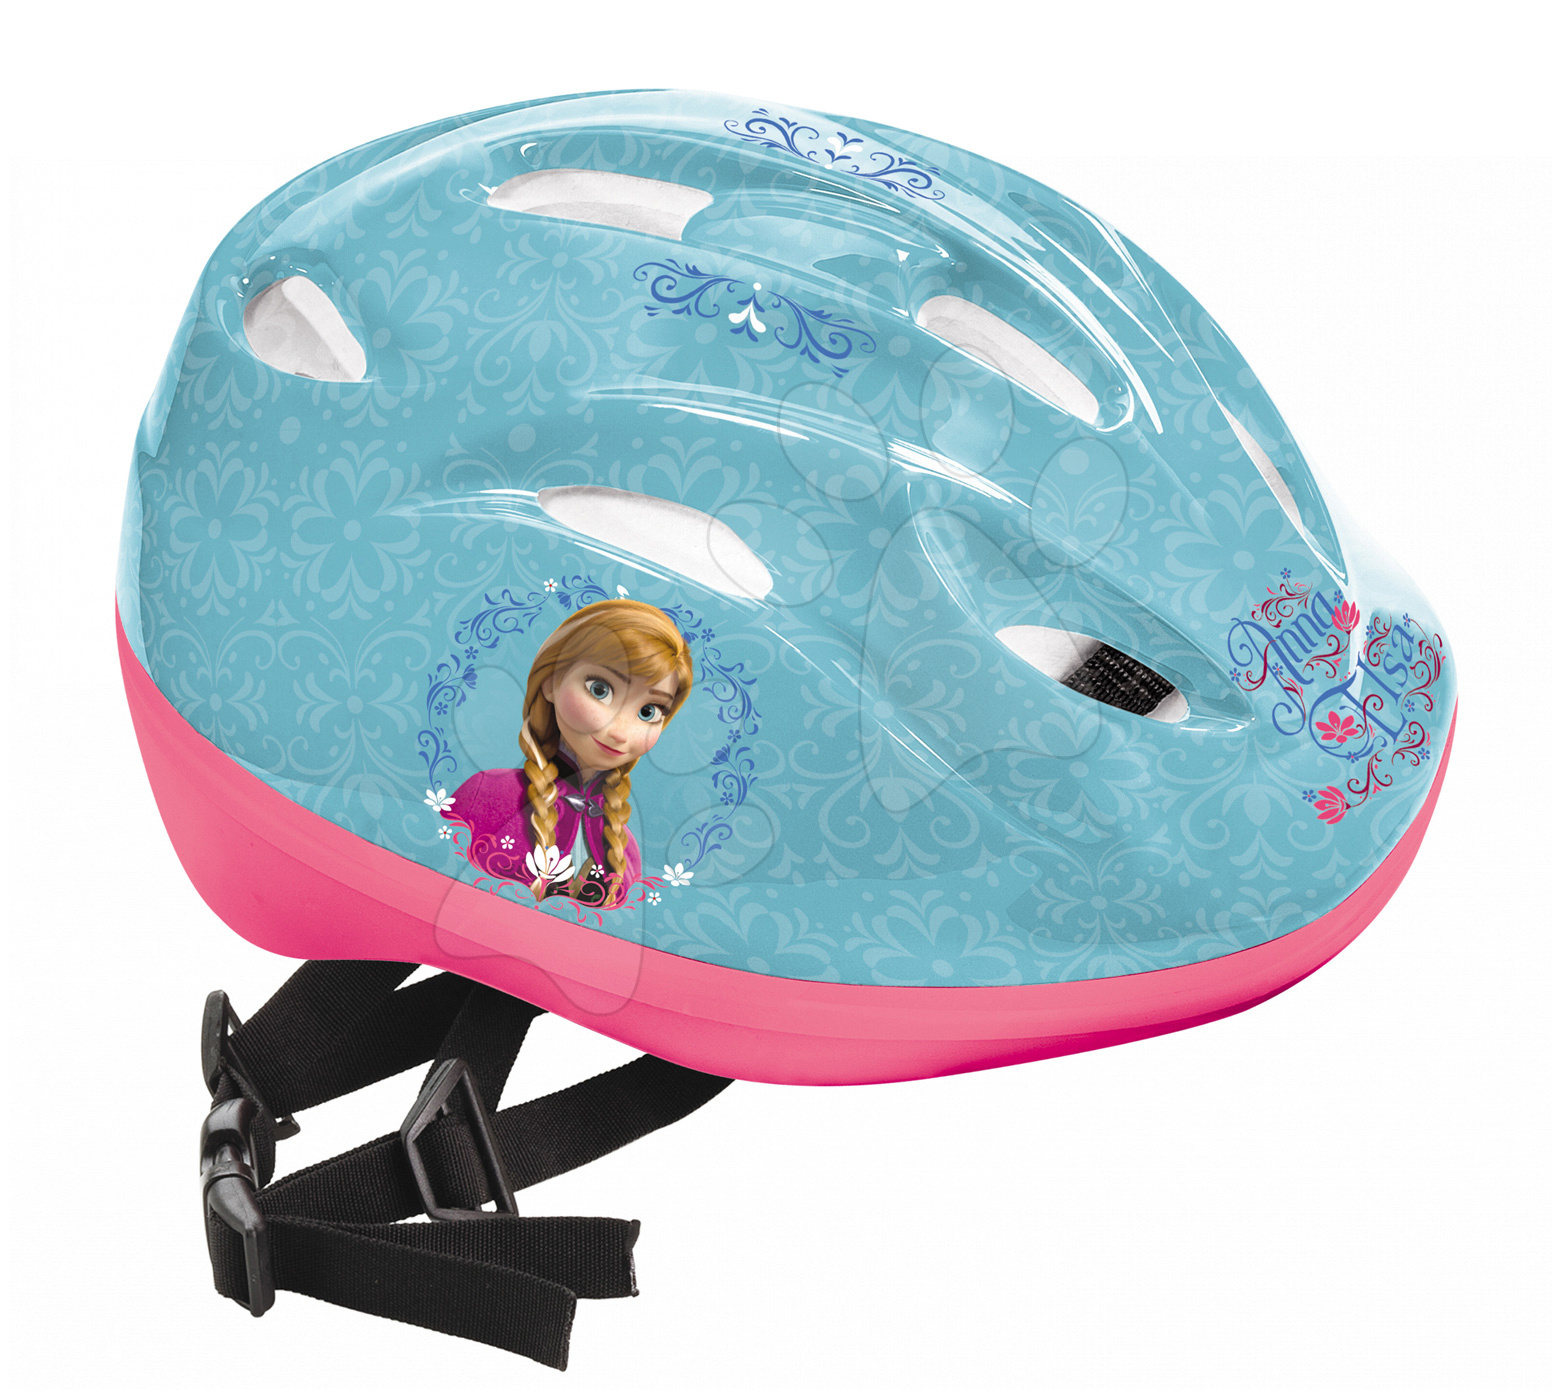 Mondo detská helma Frozen 28297 tyrkysovo-ružová